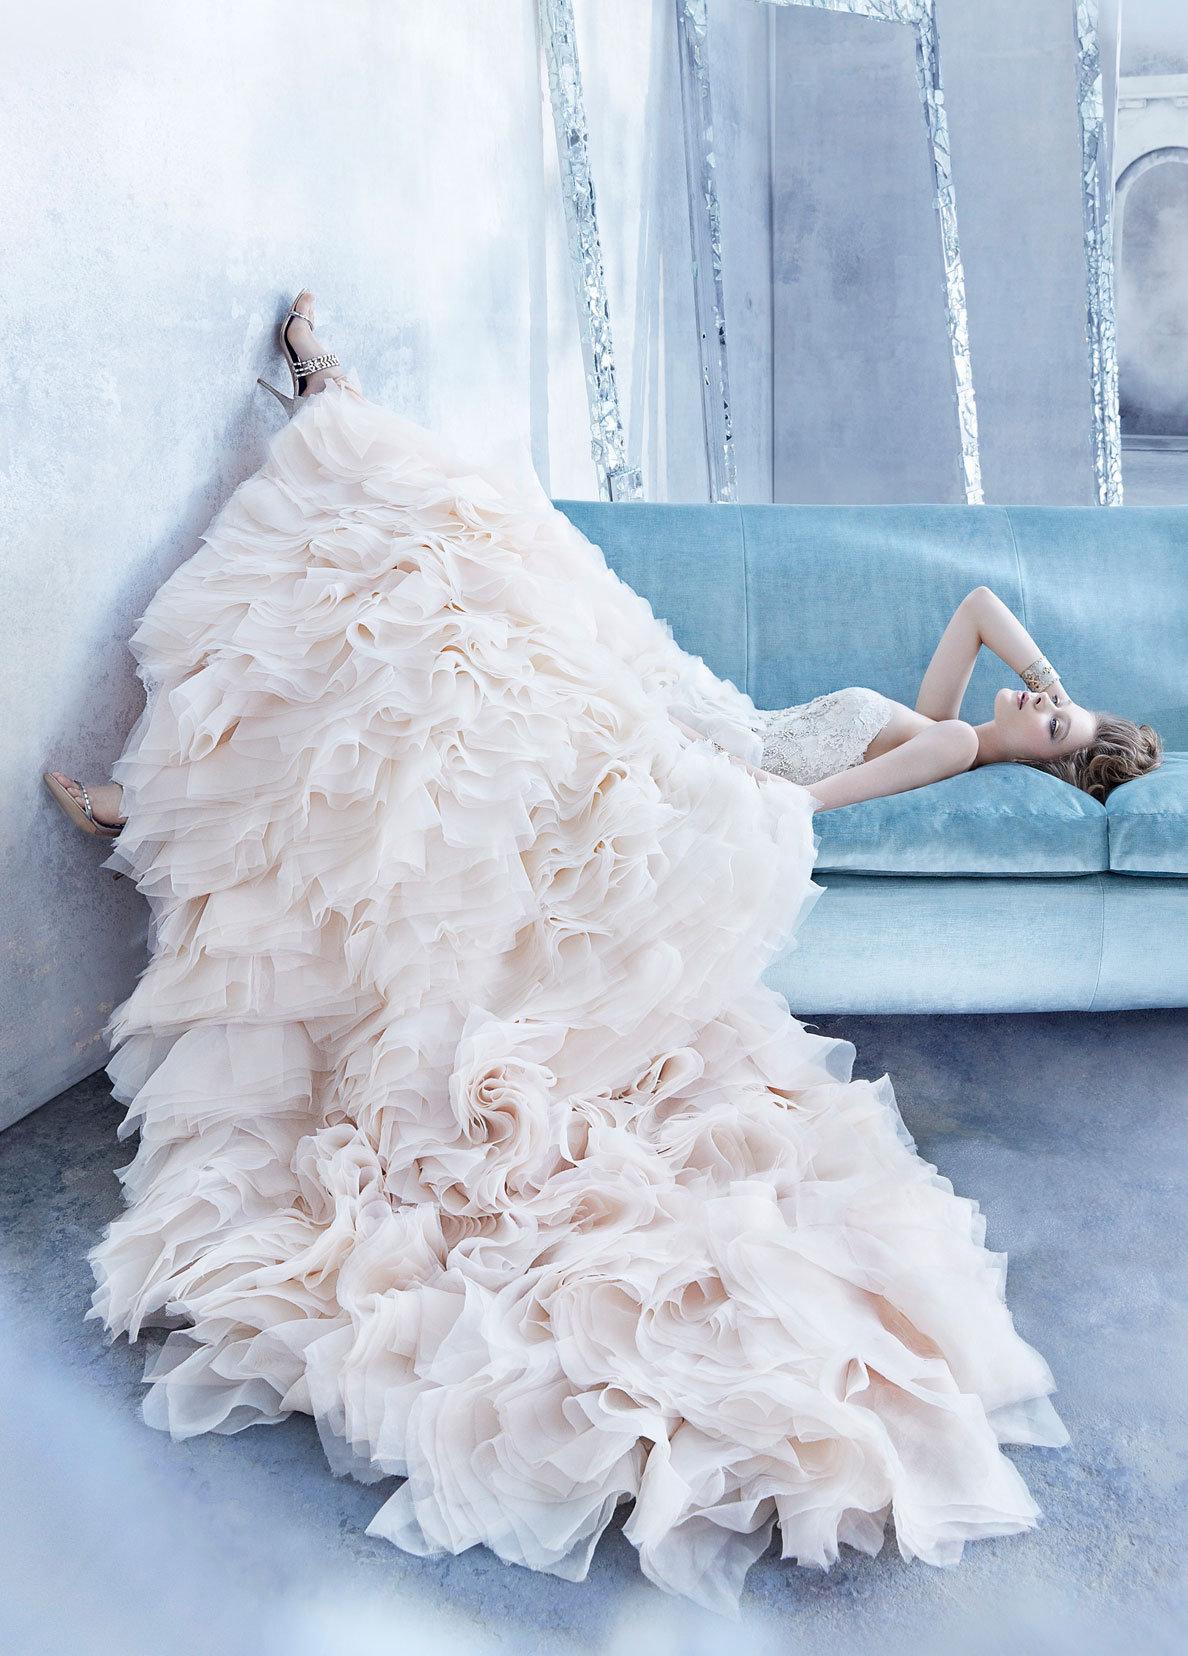 至近距離から見られても360度抜け目ない豪華なウェディングドレスばかりで、羨望の眼差しを向けられること間違いなし!